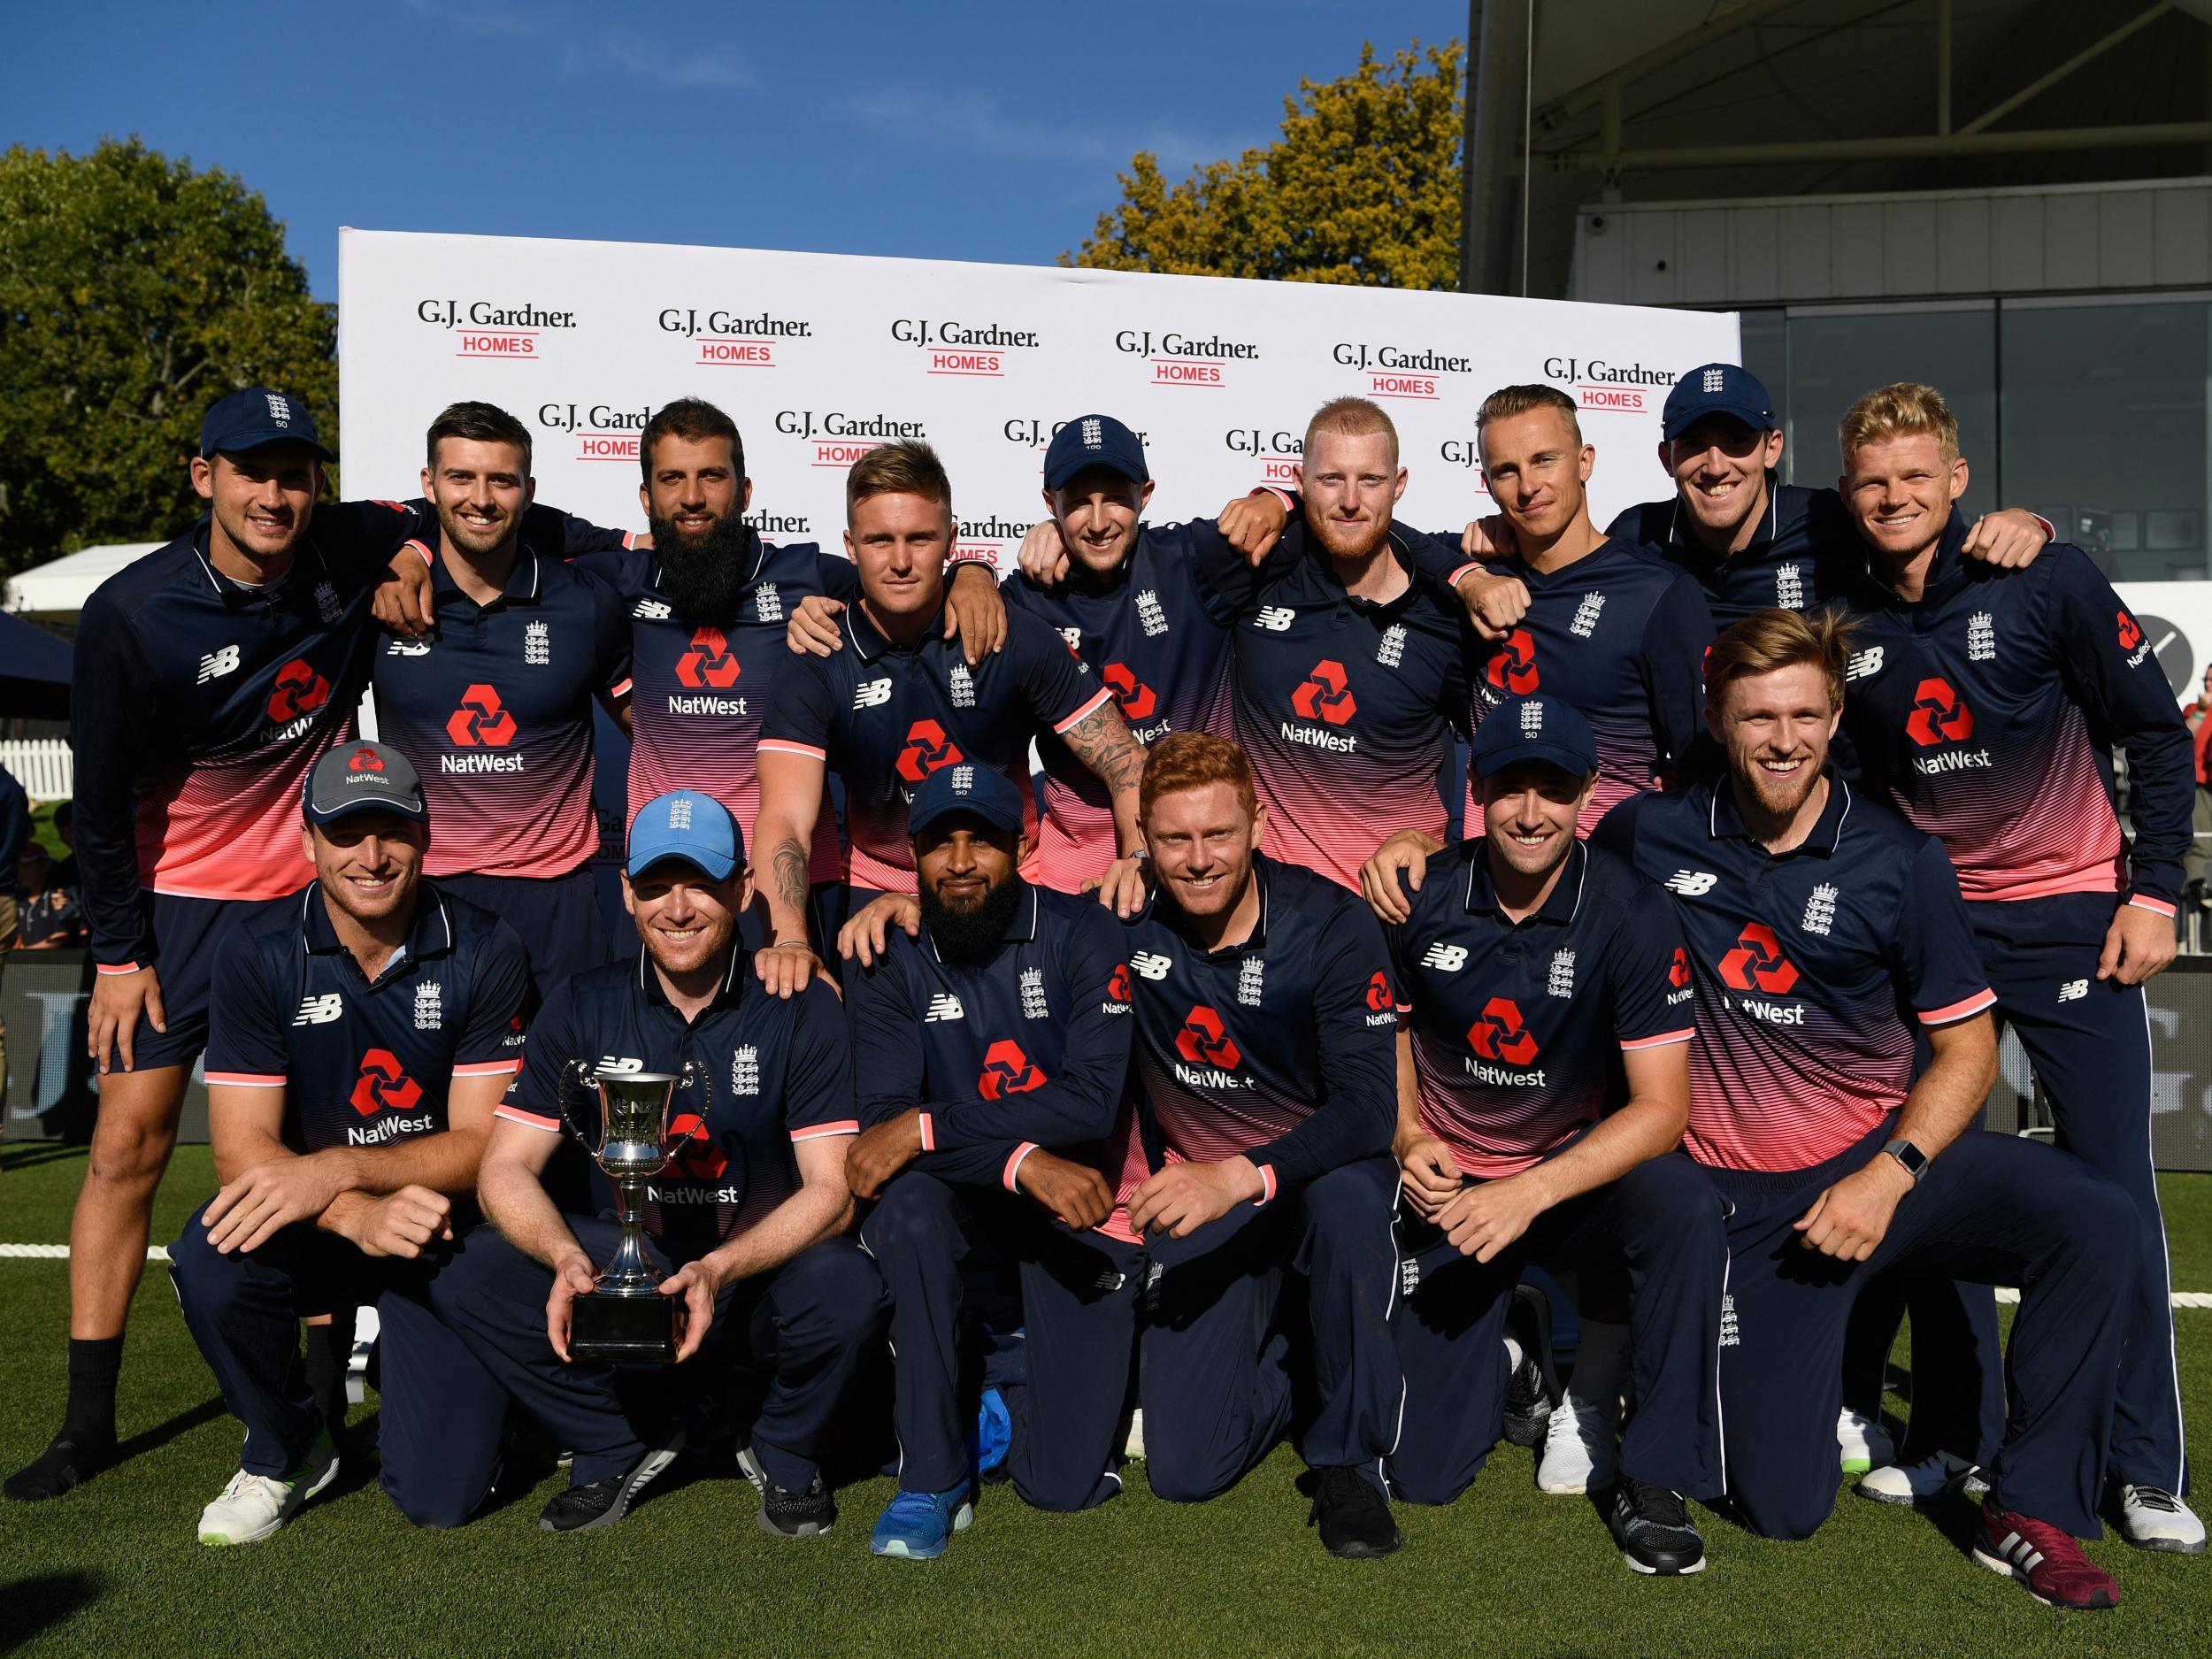 England Cricket Team Schedule